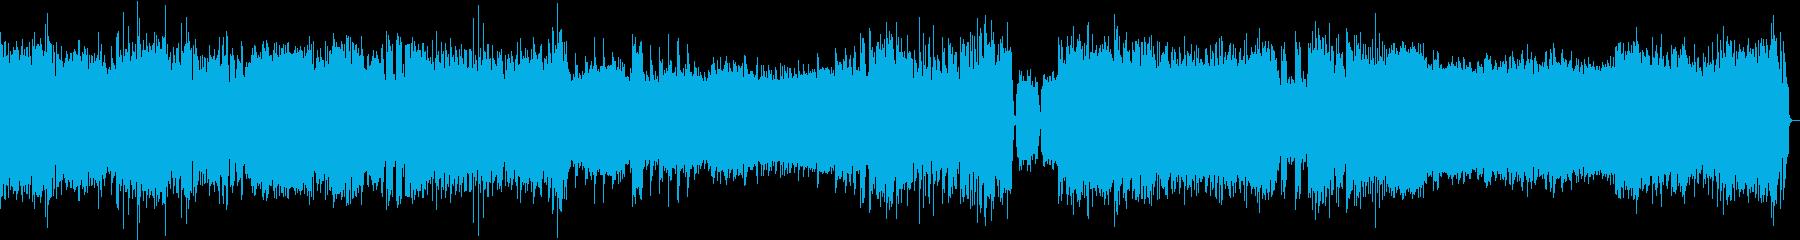 バロッククラシックEDMアレンジの再生済みの波形